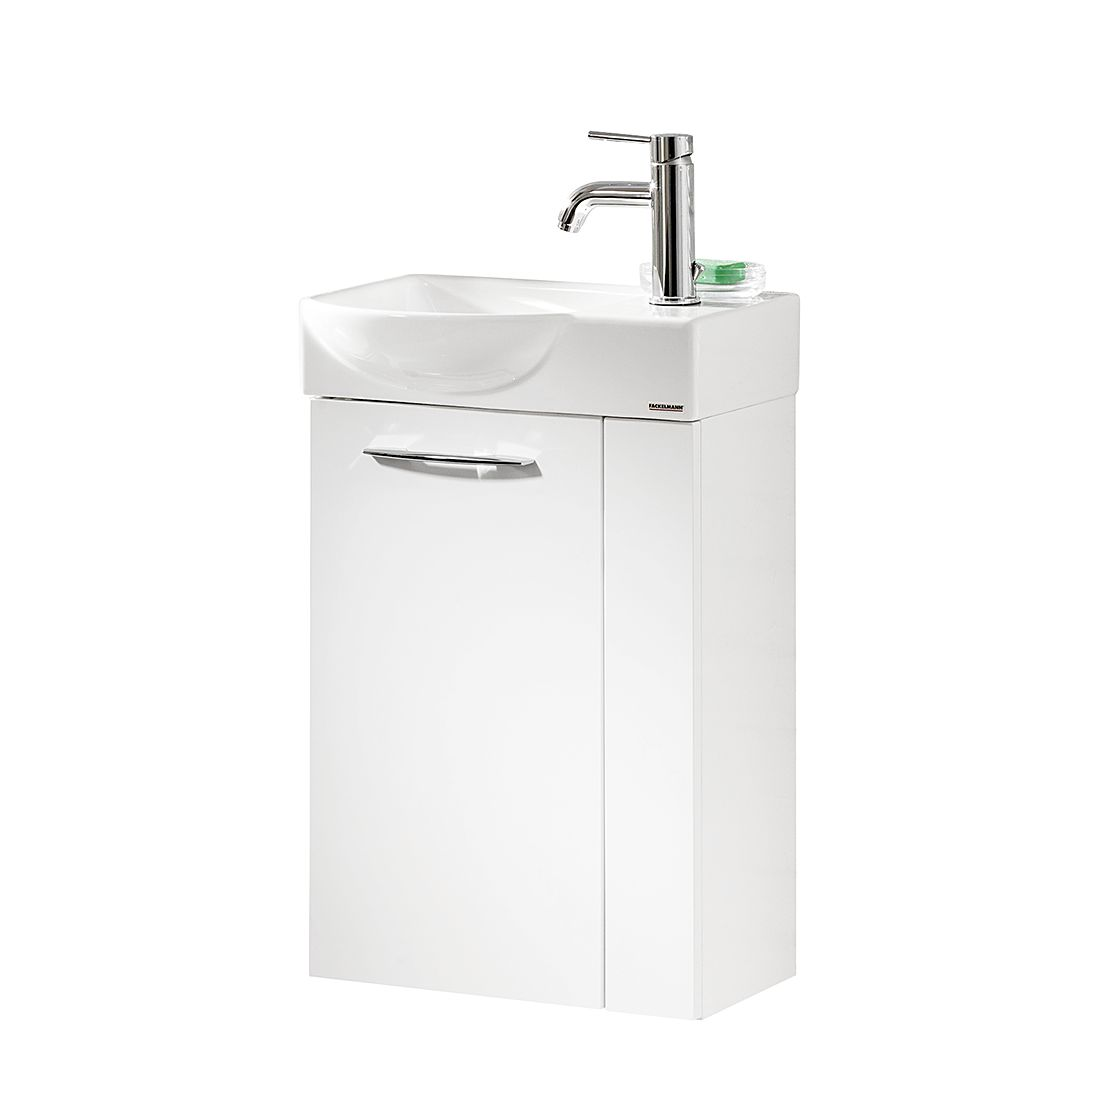 Waschtisch Vadea – Hochglanz Weiß – 45 cm – Links, Fackelmann jetzt bestellen